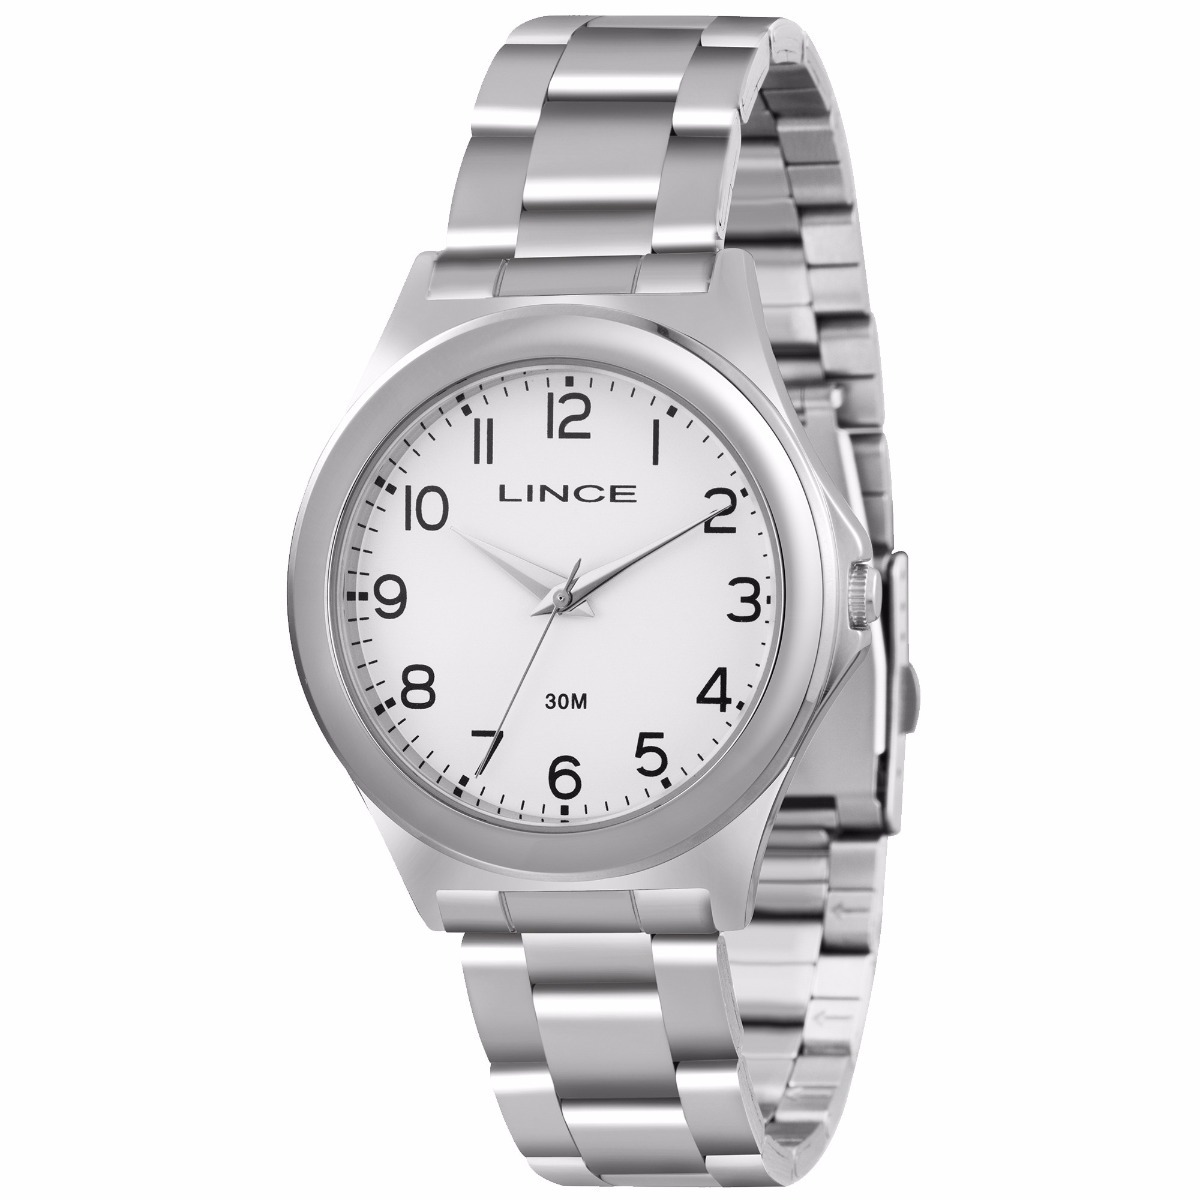 a86adc4cbeb relógio lince analógico feminino prata lrm4287l + frete grát. Carregando  zoom.